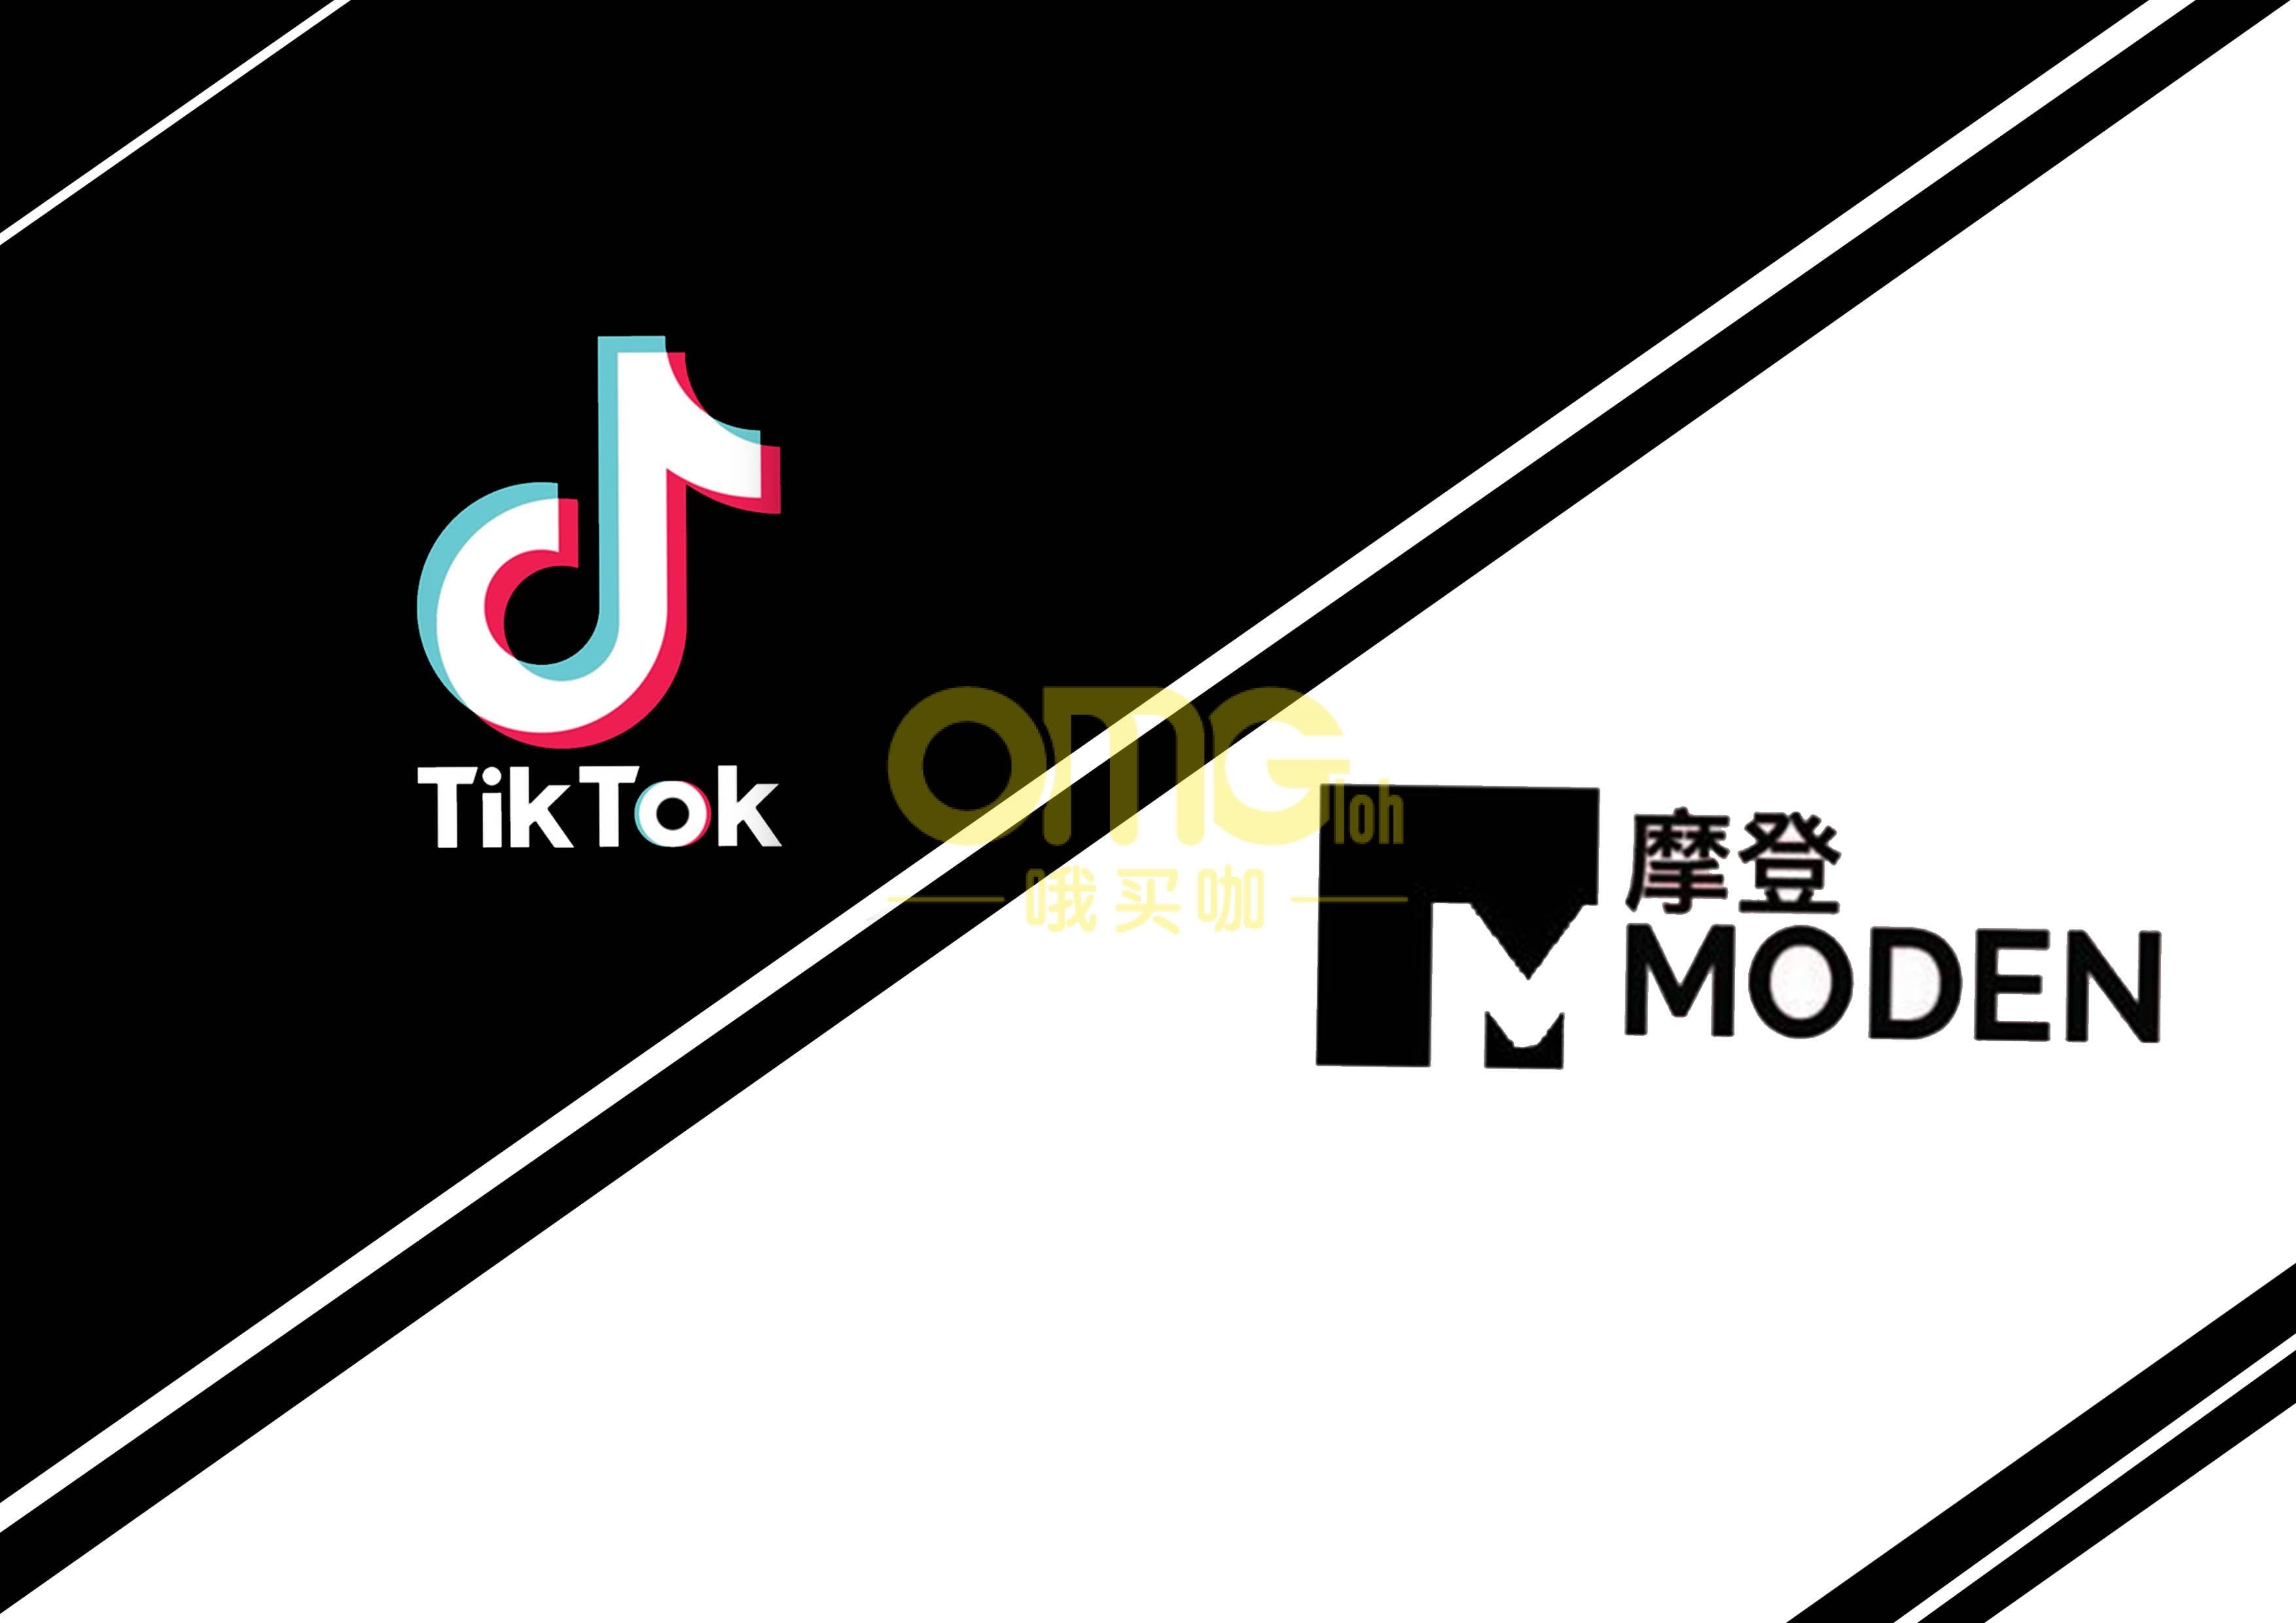 tiktokxmoden 2 at omgloh.com